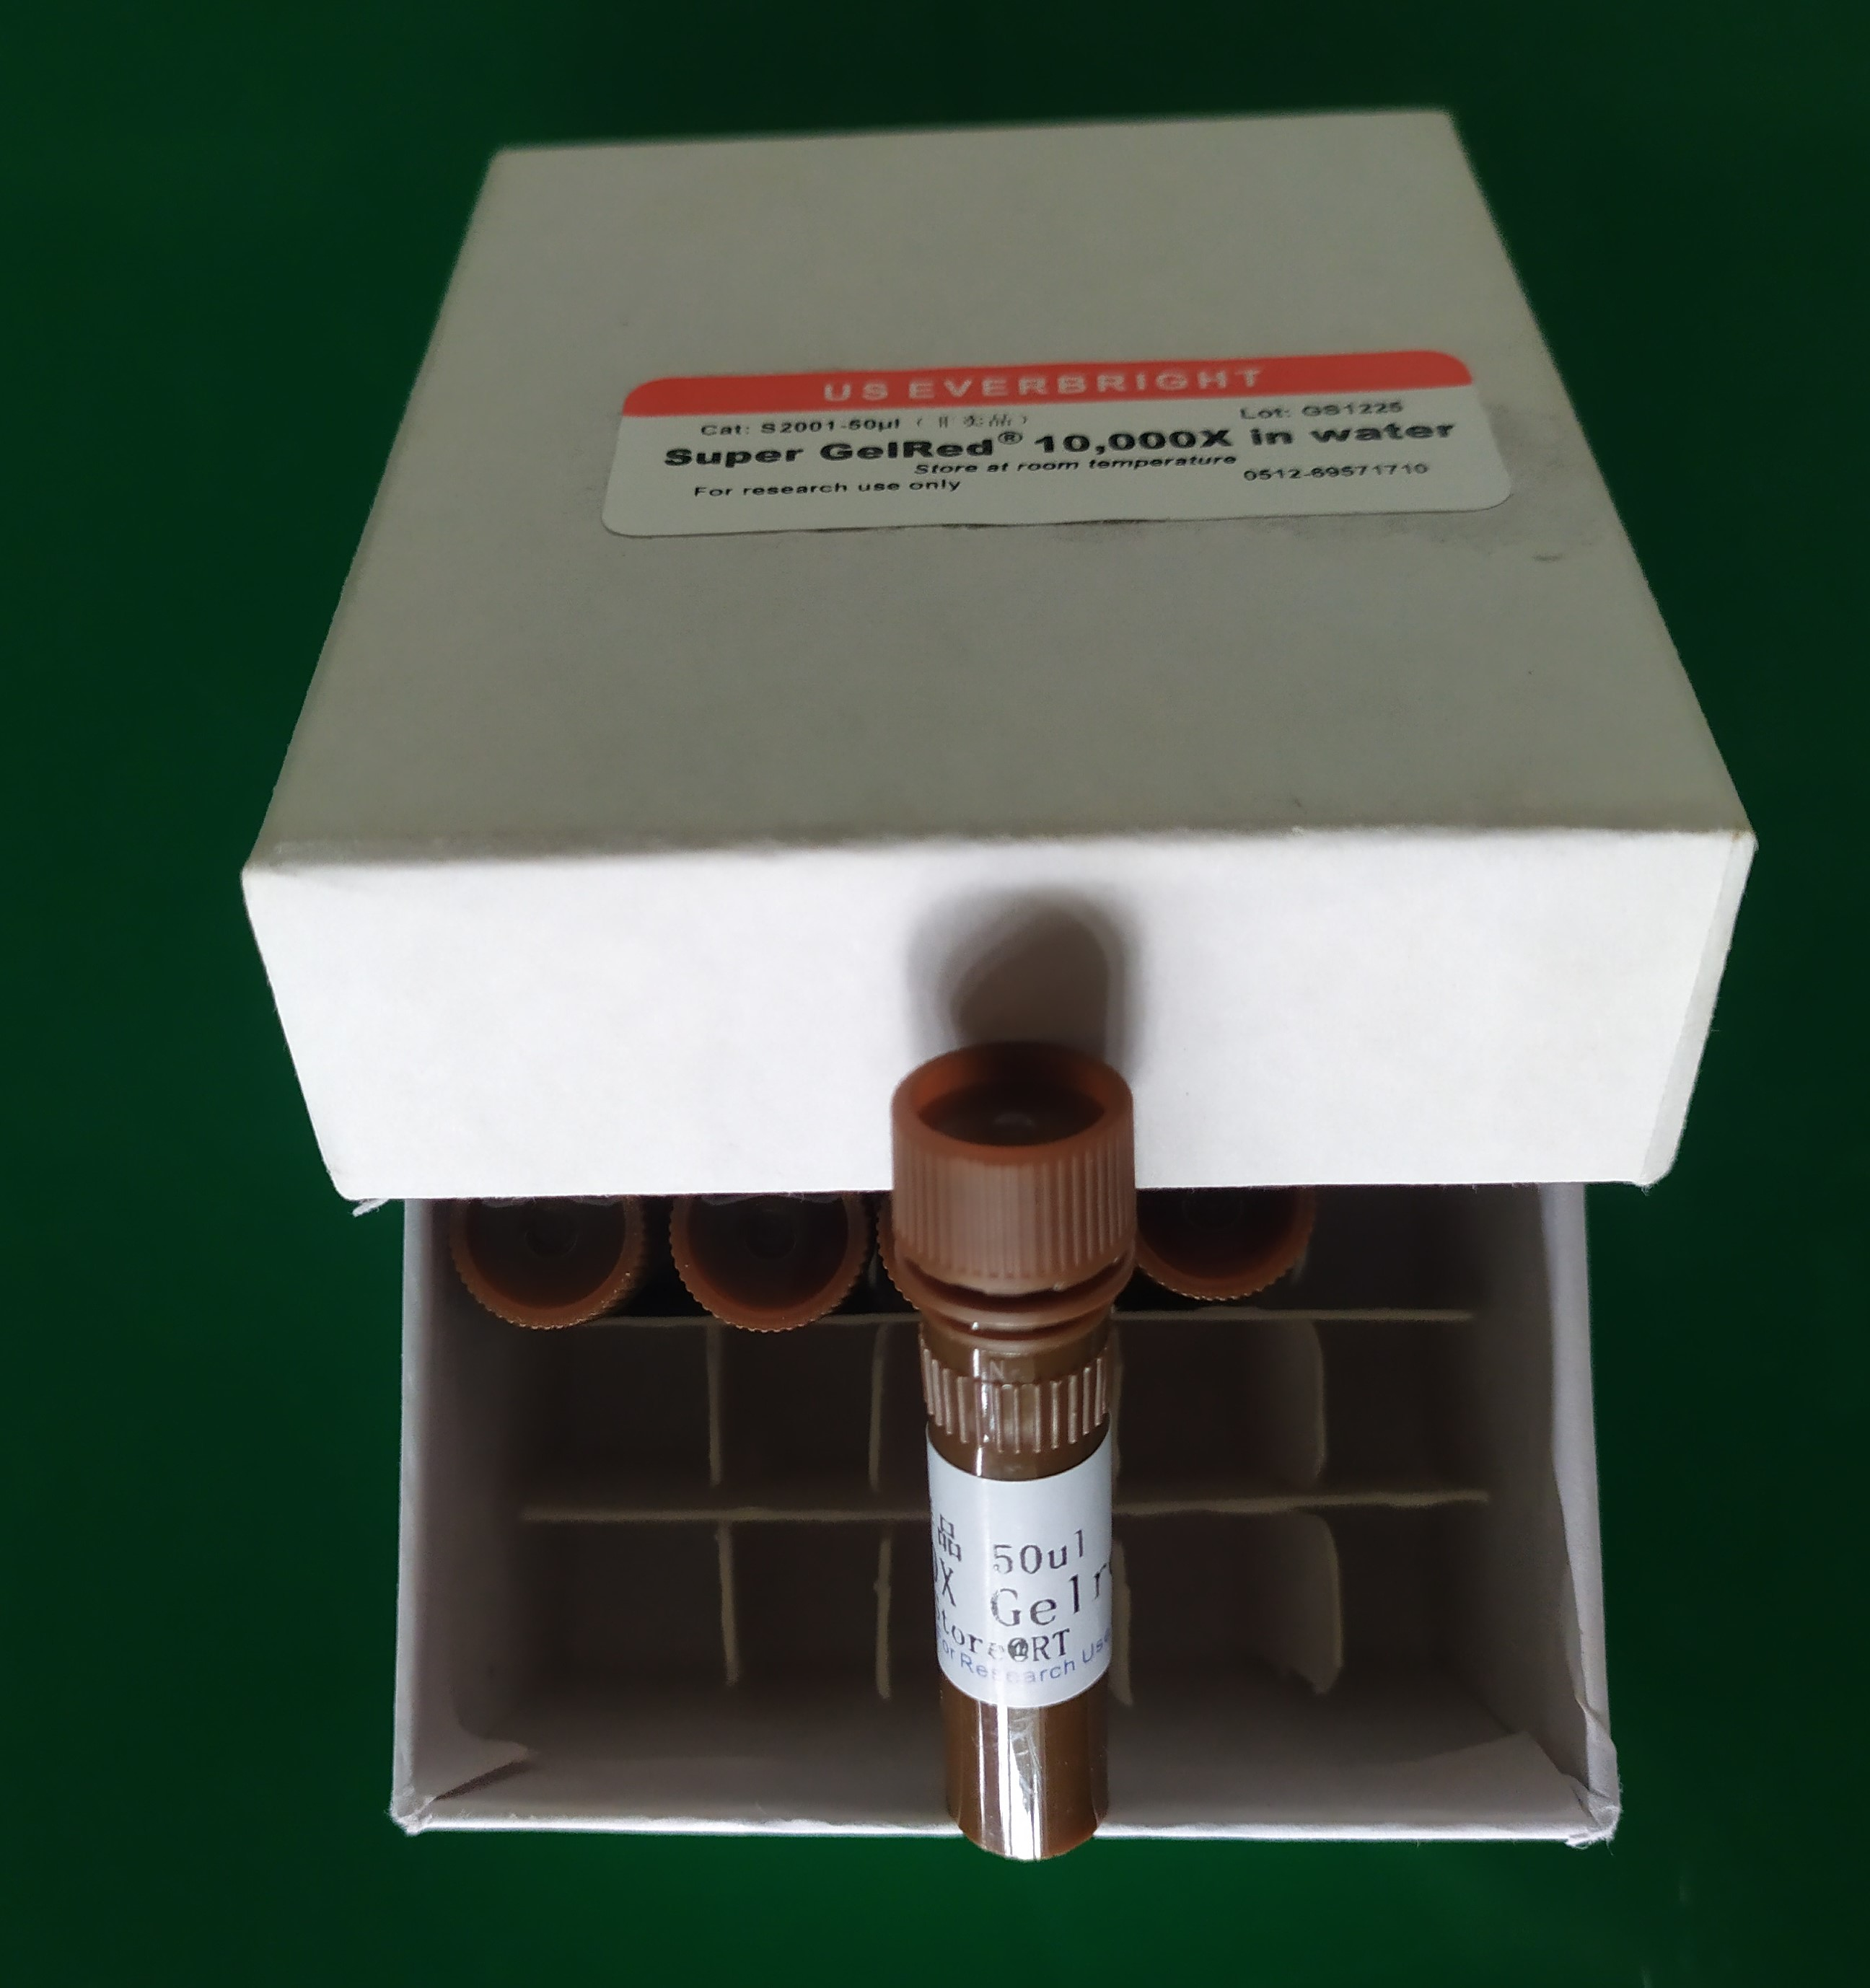 biosearch 10,000× GelRed核酸染料凝胶电泳染色试剂0.5ml